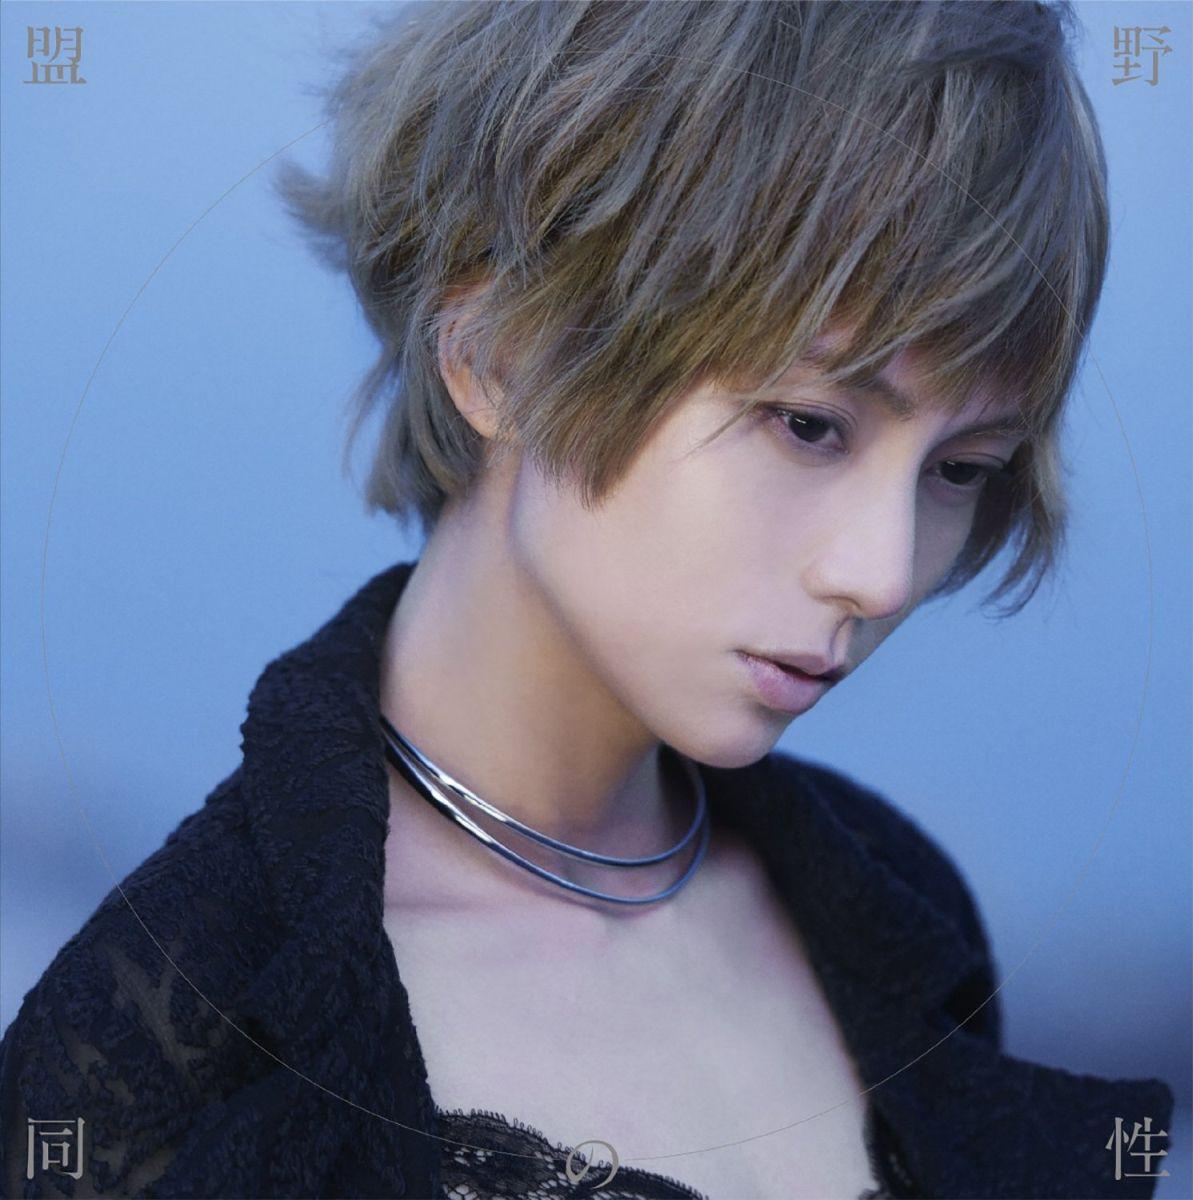 楽天ブックス: 野性の同盟 (初回限定盤 CD+DVD) - 柴咲コウ ...